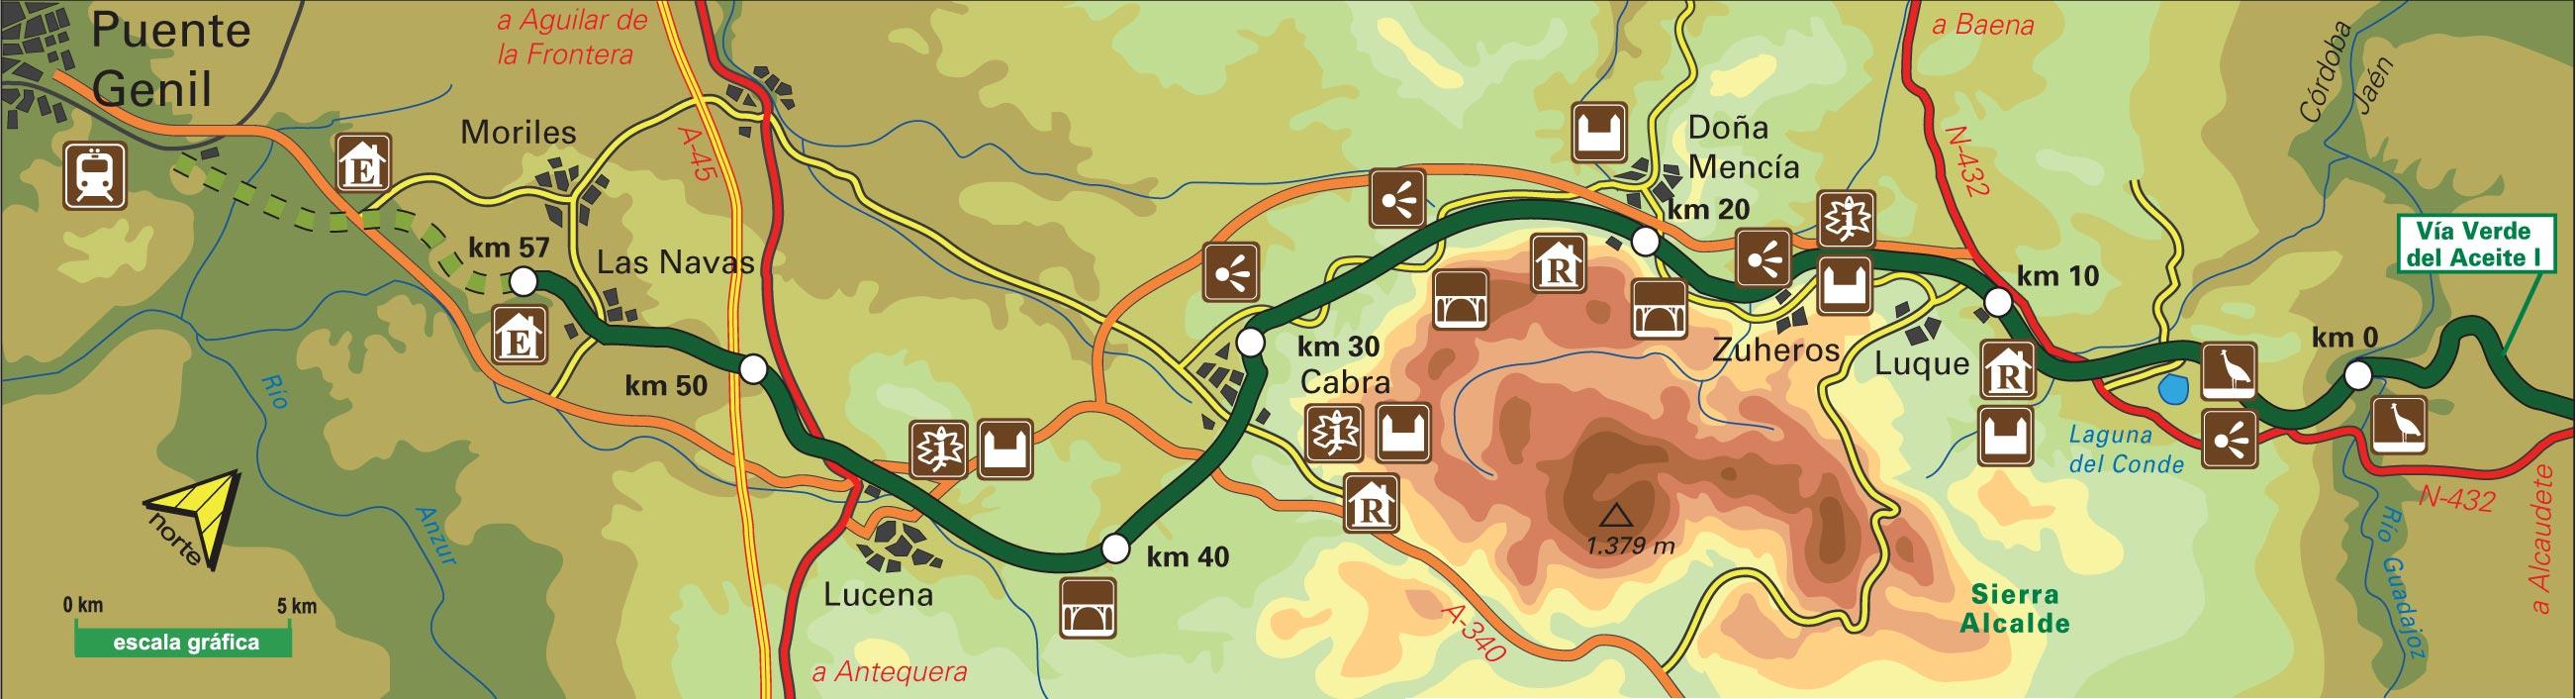 Vía Verde de la Subbética Mapa con estaciones